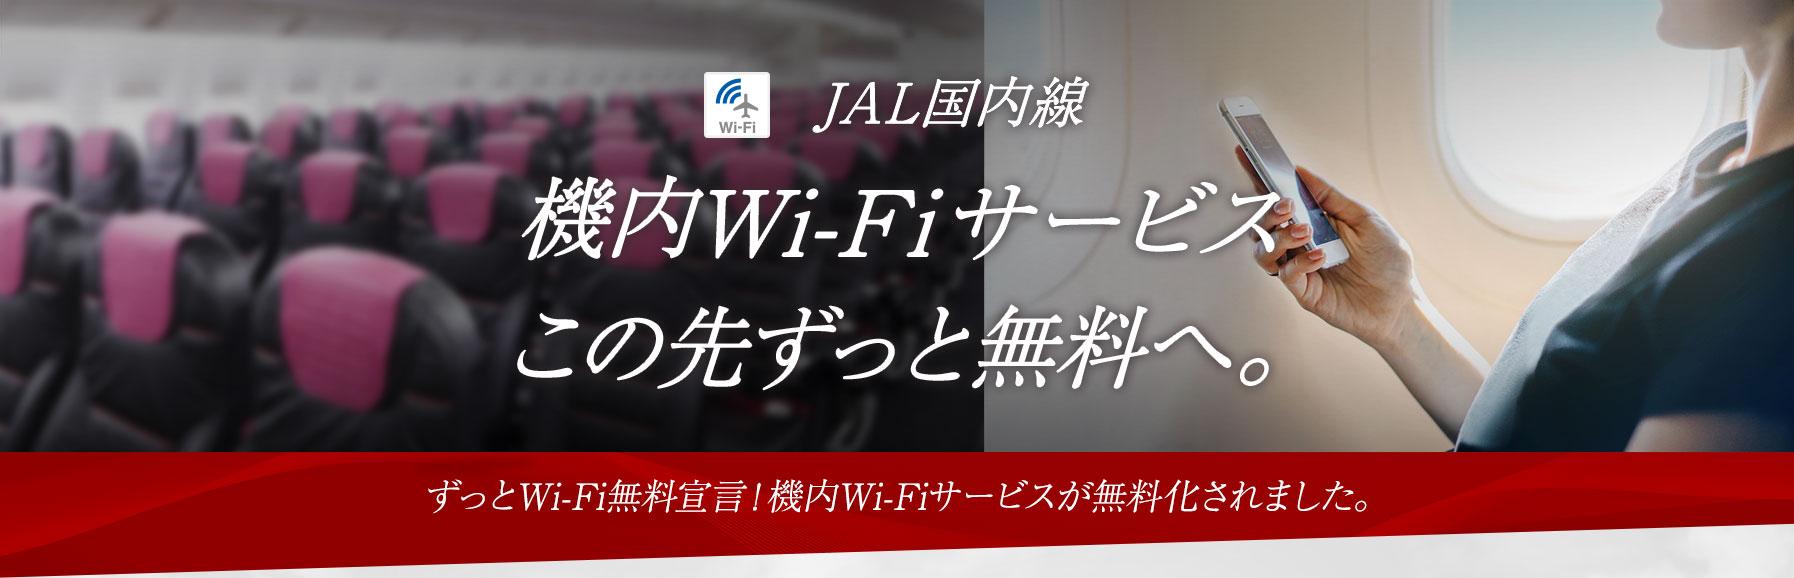 機内Wi-Fiサービス、この先ずっと無料